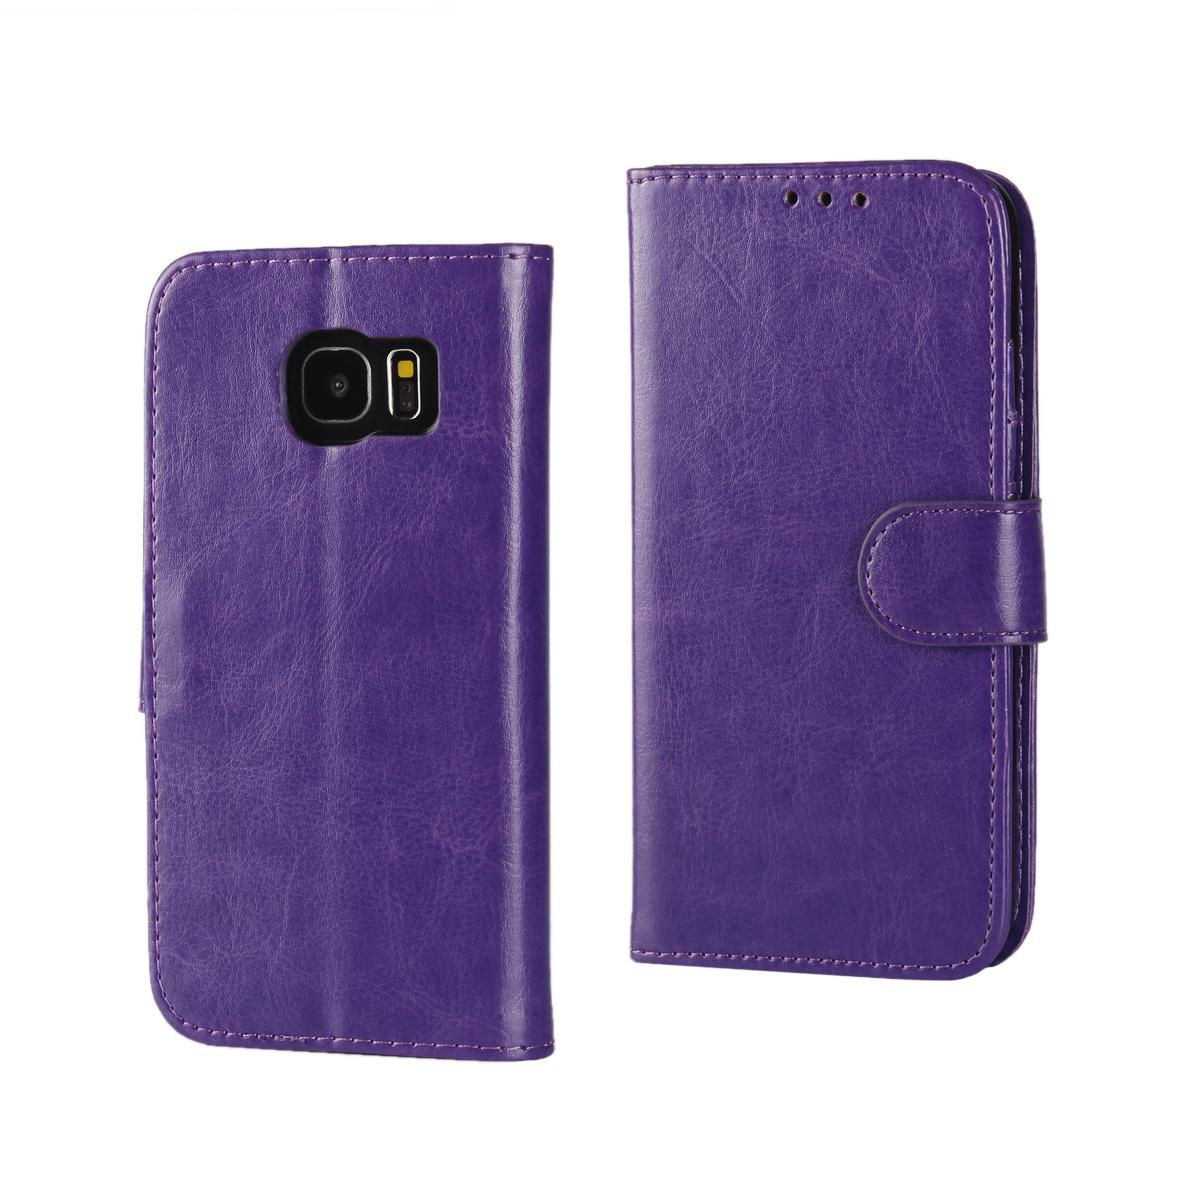 Http List Item Best Selling Sport Stereo Goospery Iphone 7 Sky Slide Bumper Case Lime 569078152 00g 0 W St G